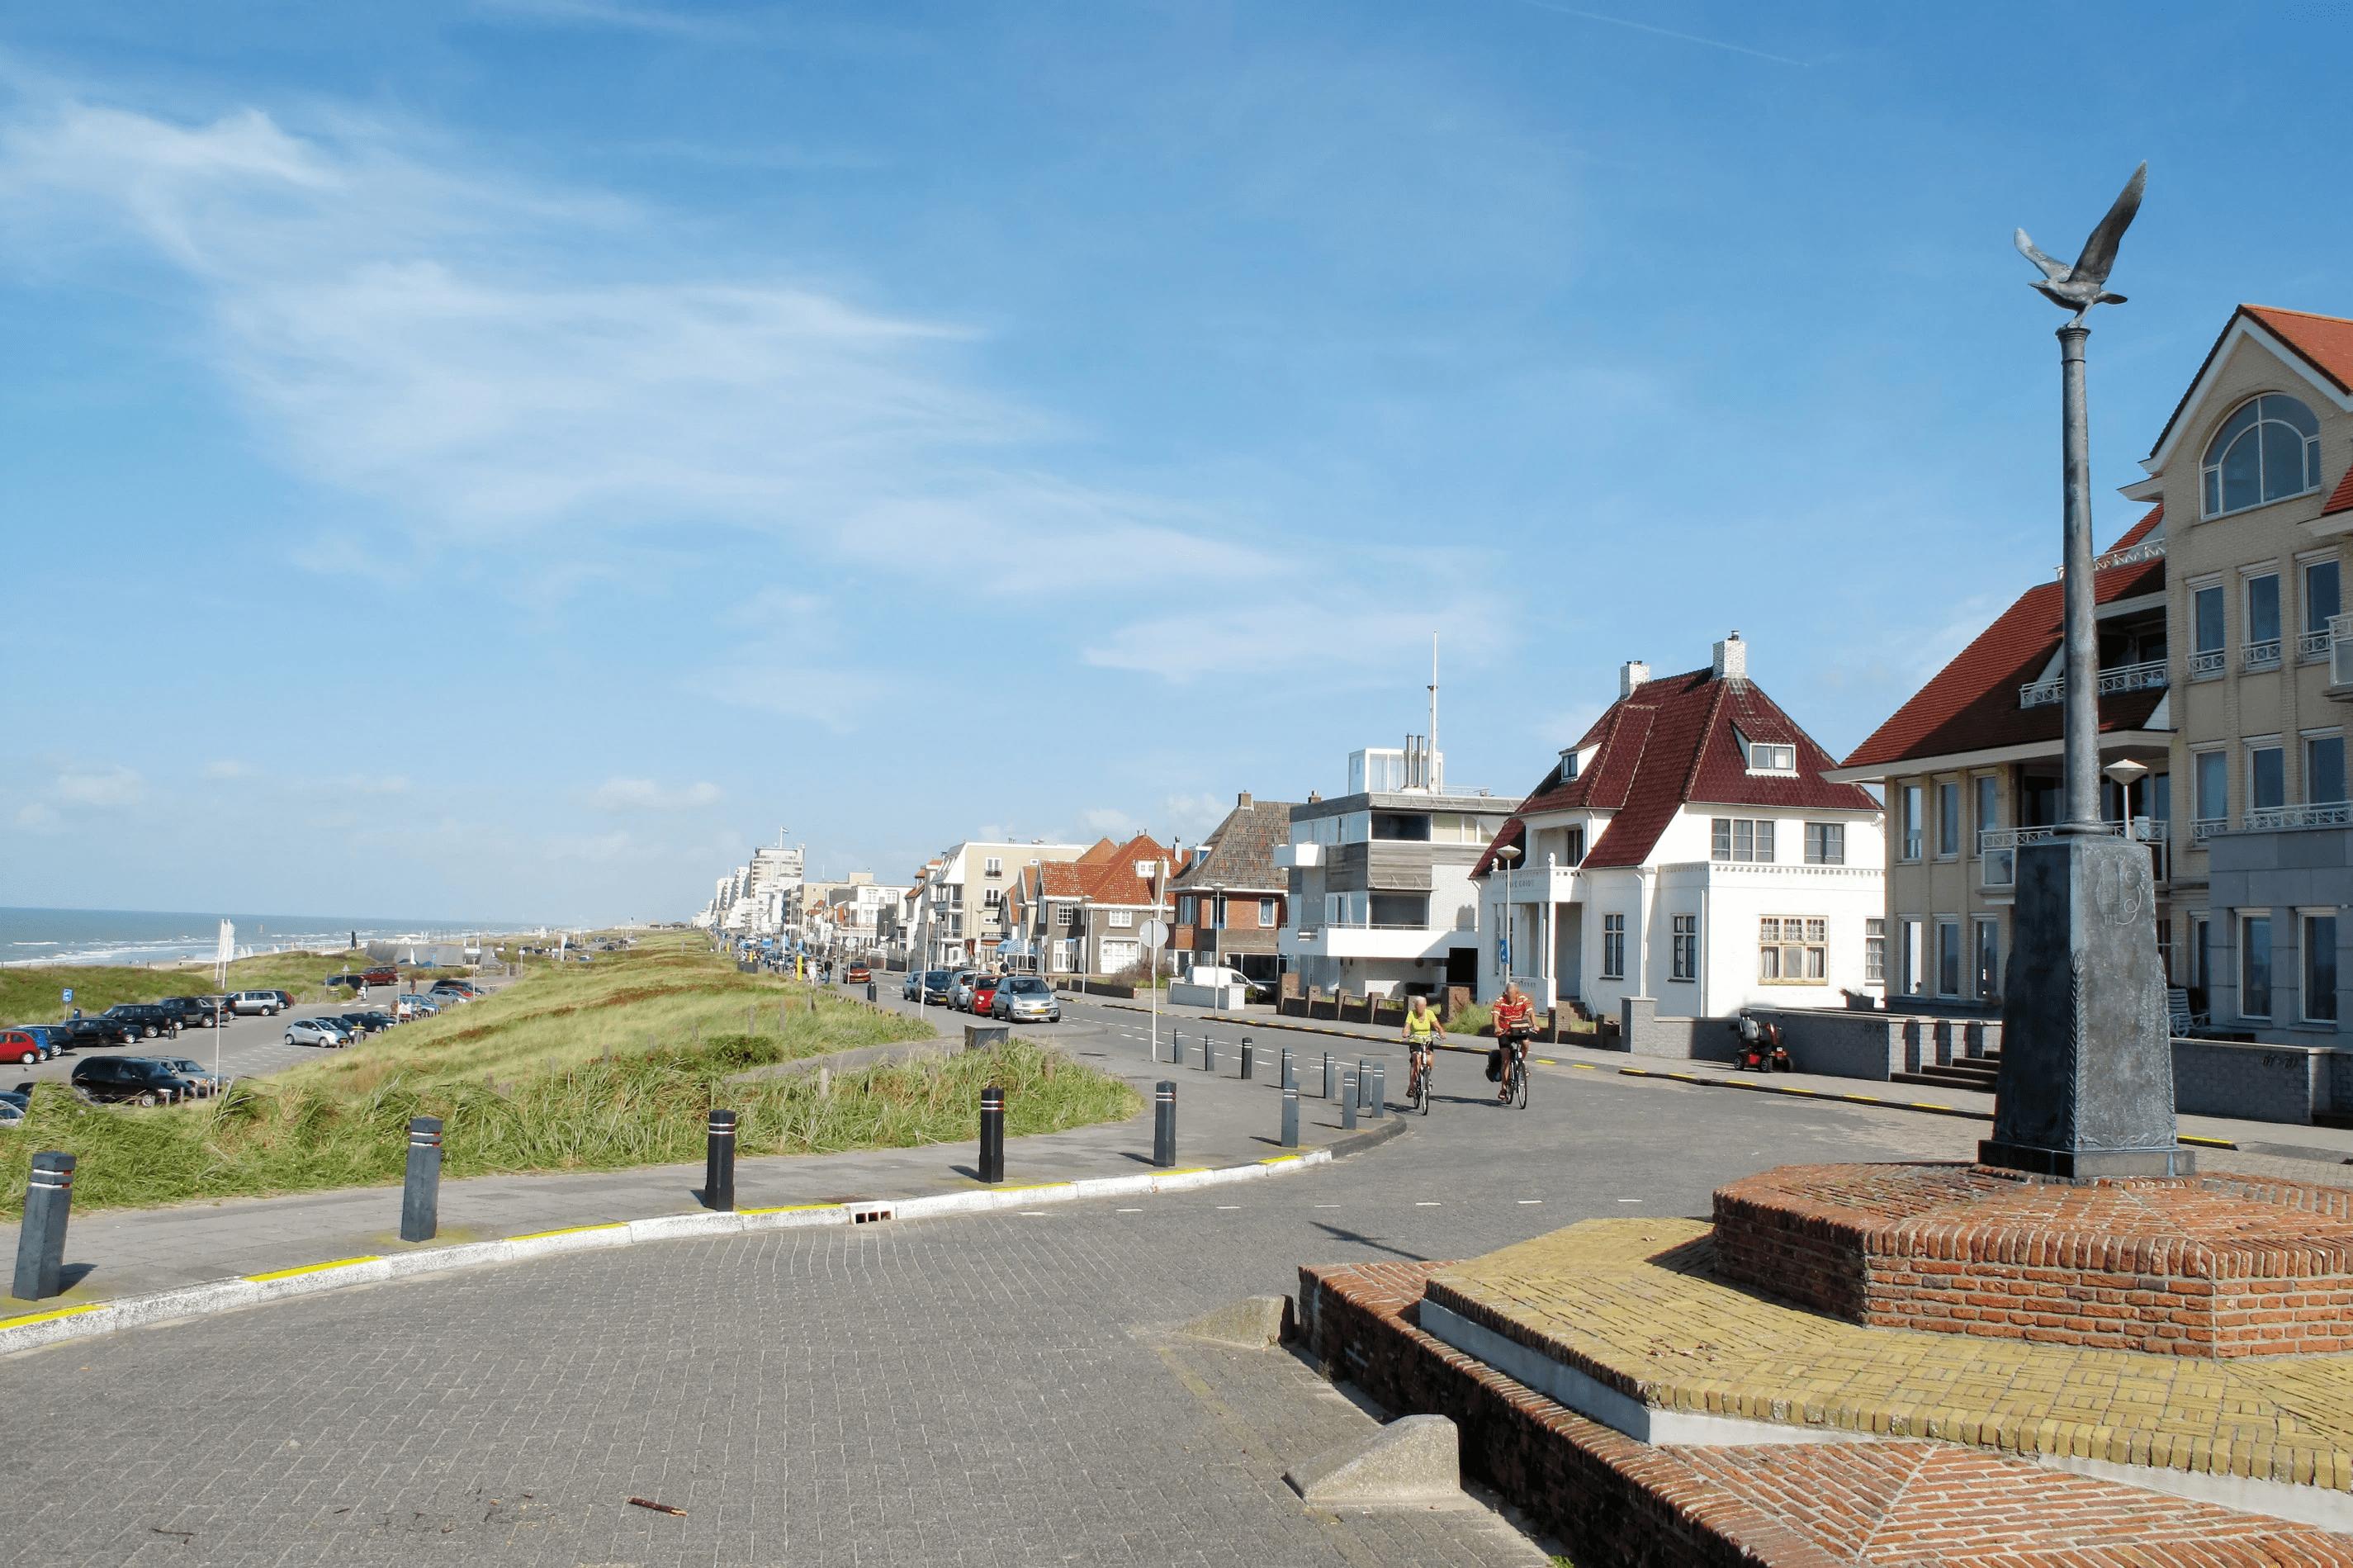 Noordwijk village, the Netherlands